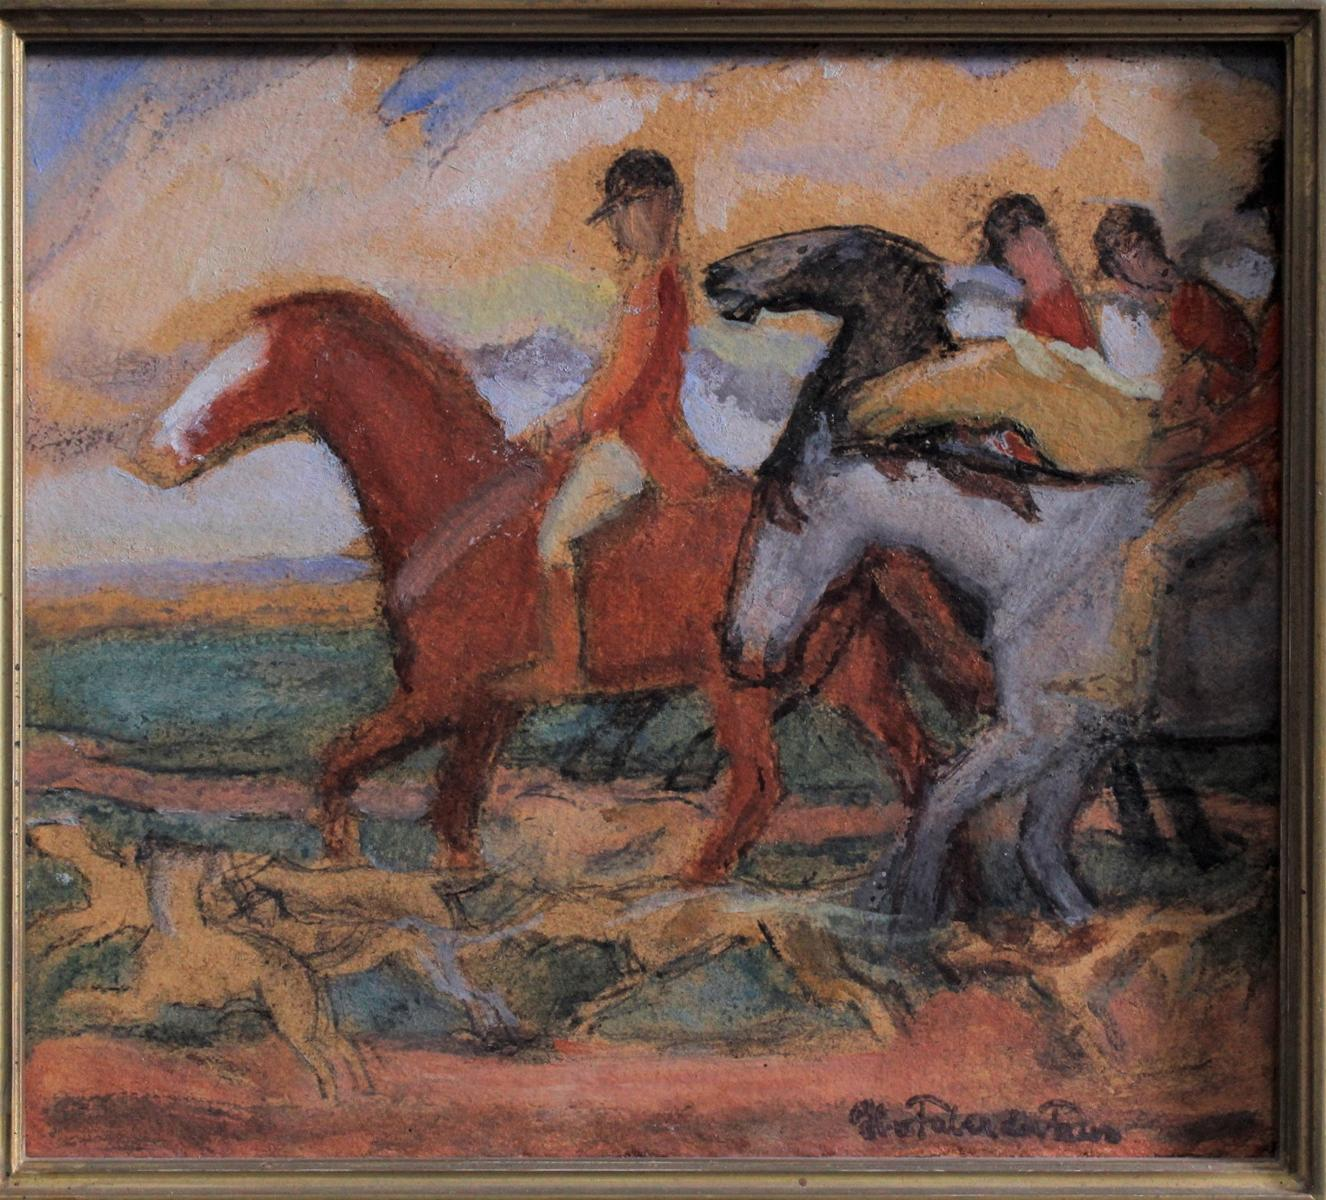 Hans VON FABER DU FAUR (1863-1940), Jagdreiter mit Hunden-2